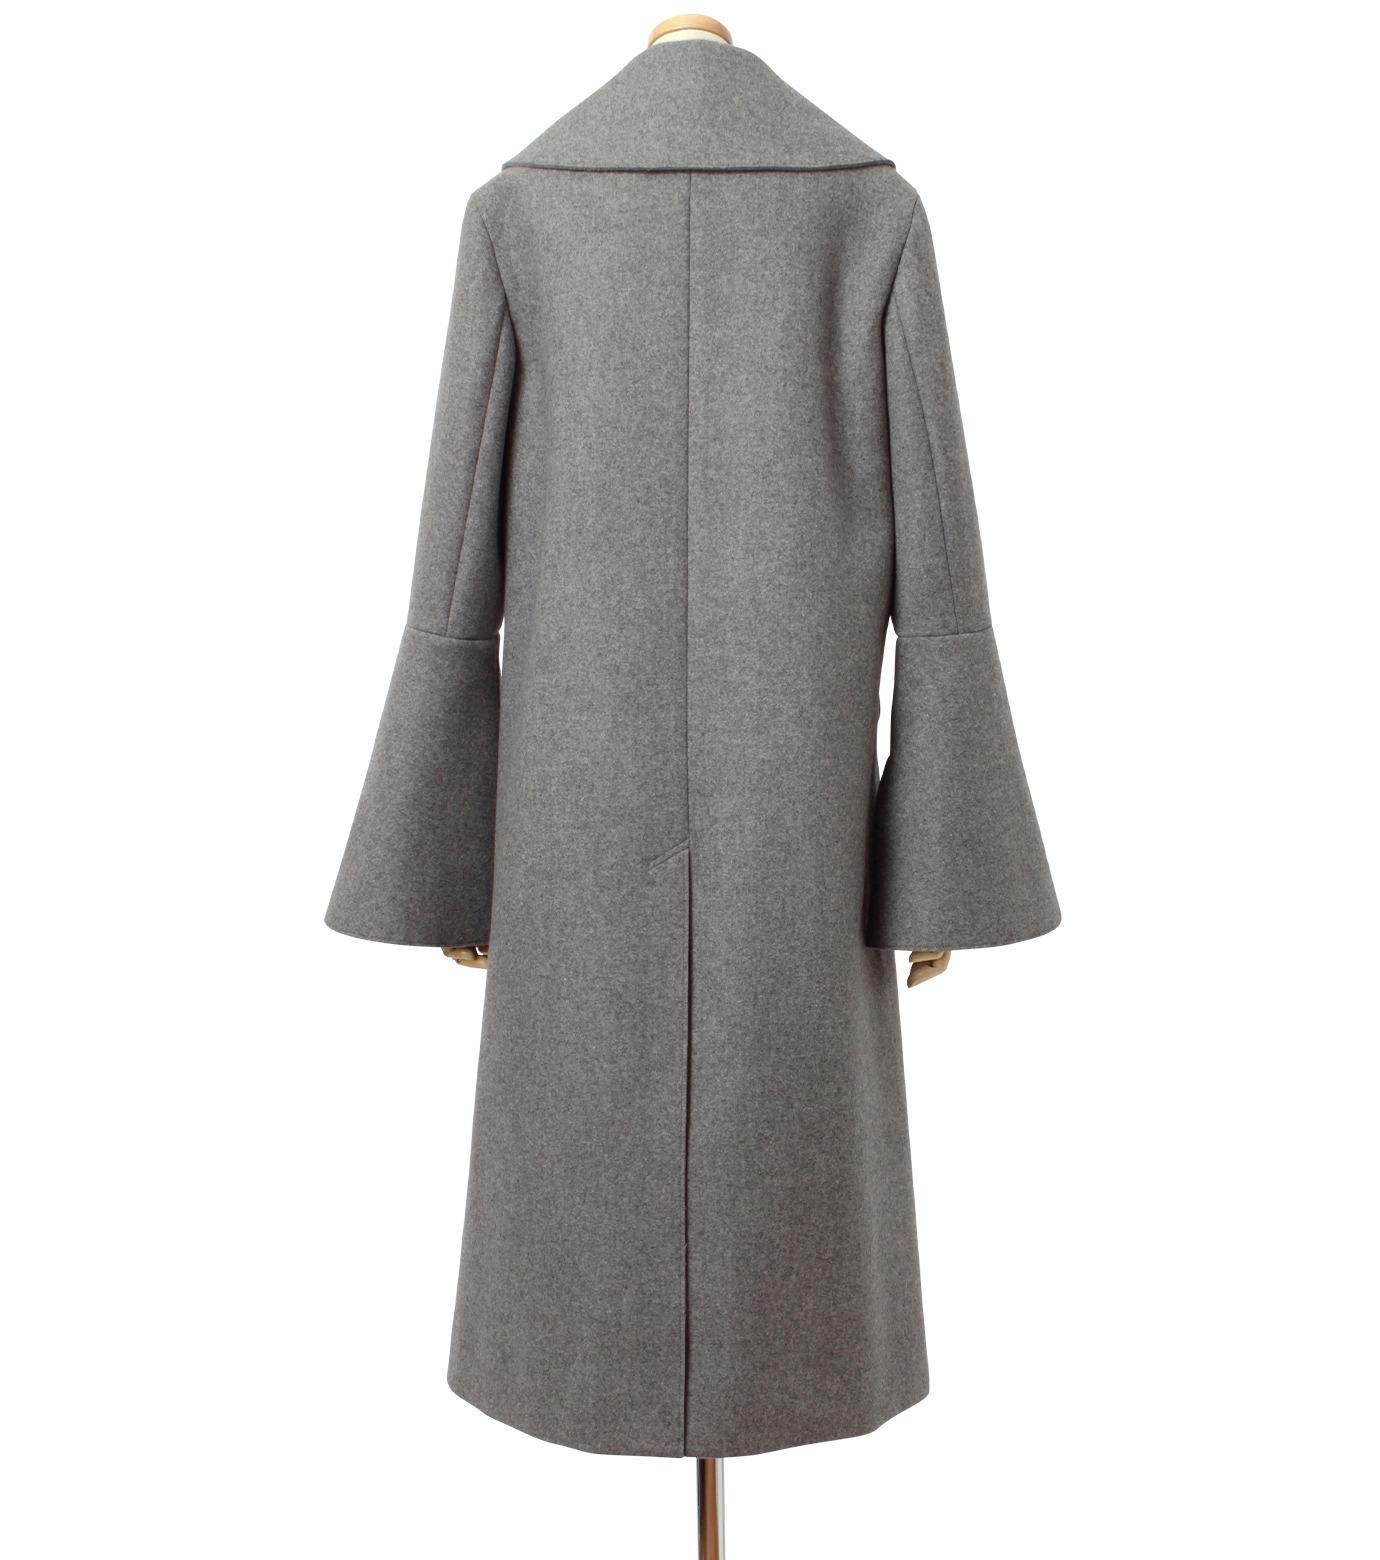 IRENE(アイレネ)のベルスリーブトレンチコート-GRAY(コート/coat)-18A89004 拡大詳細画像3